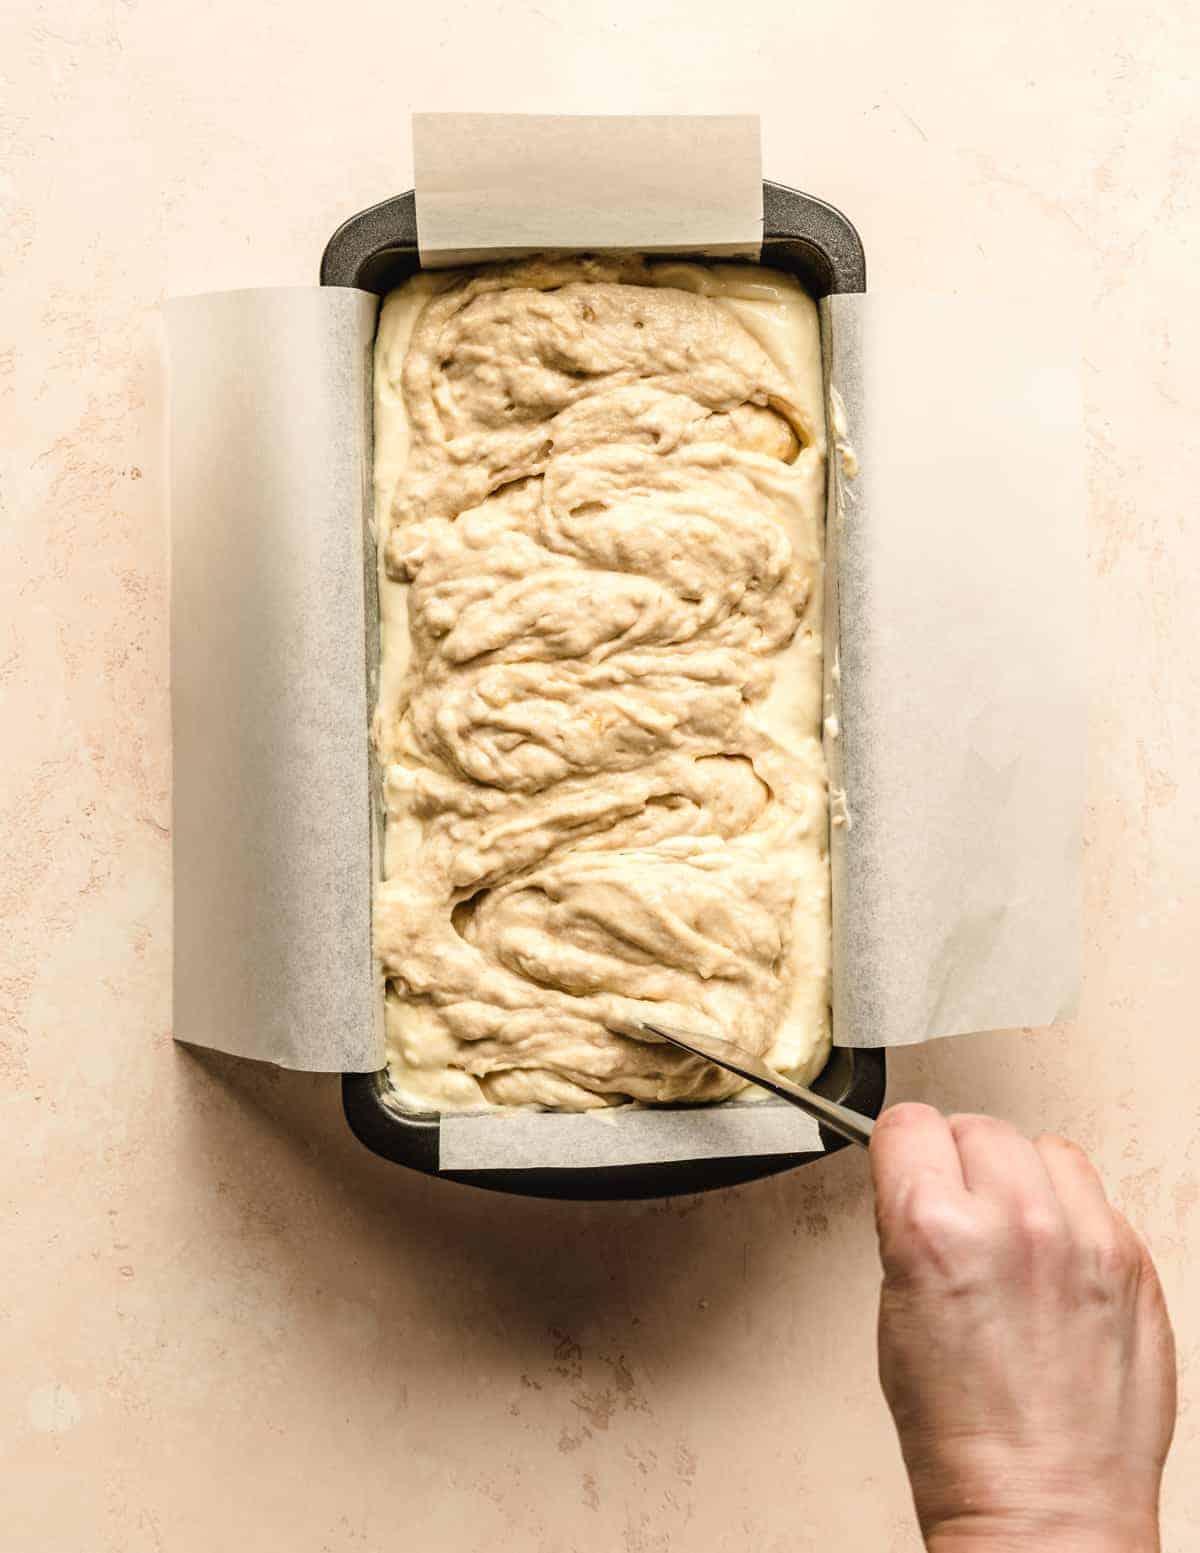 Swirl the cream cheese banana bread batter before baking.